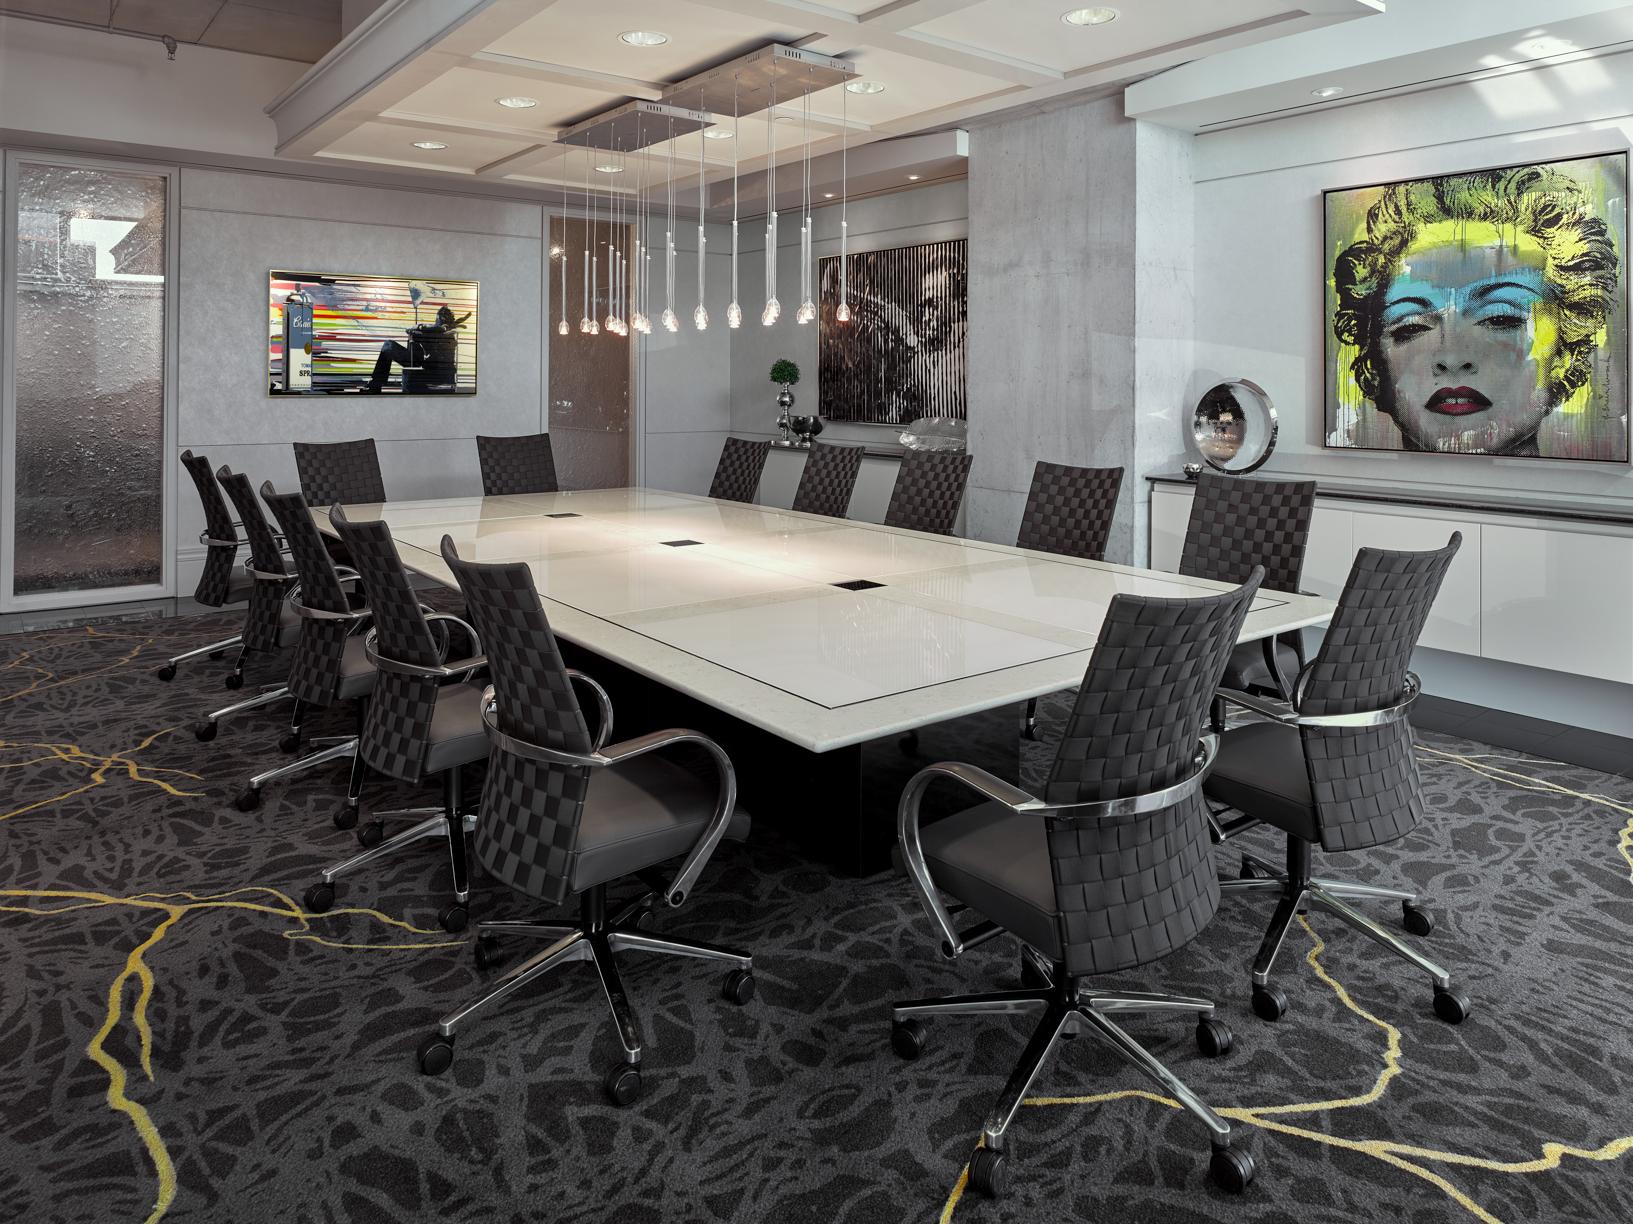 Office design group Dental Office Mcgregor Design Group Lynn Mcgregor 4163590002 Lmcgregormcgregordesigngroupcom Herman Miller Mcgregor Design Group Honoured best Office Interior In Canada By